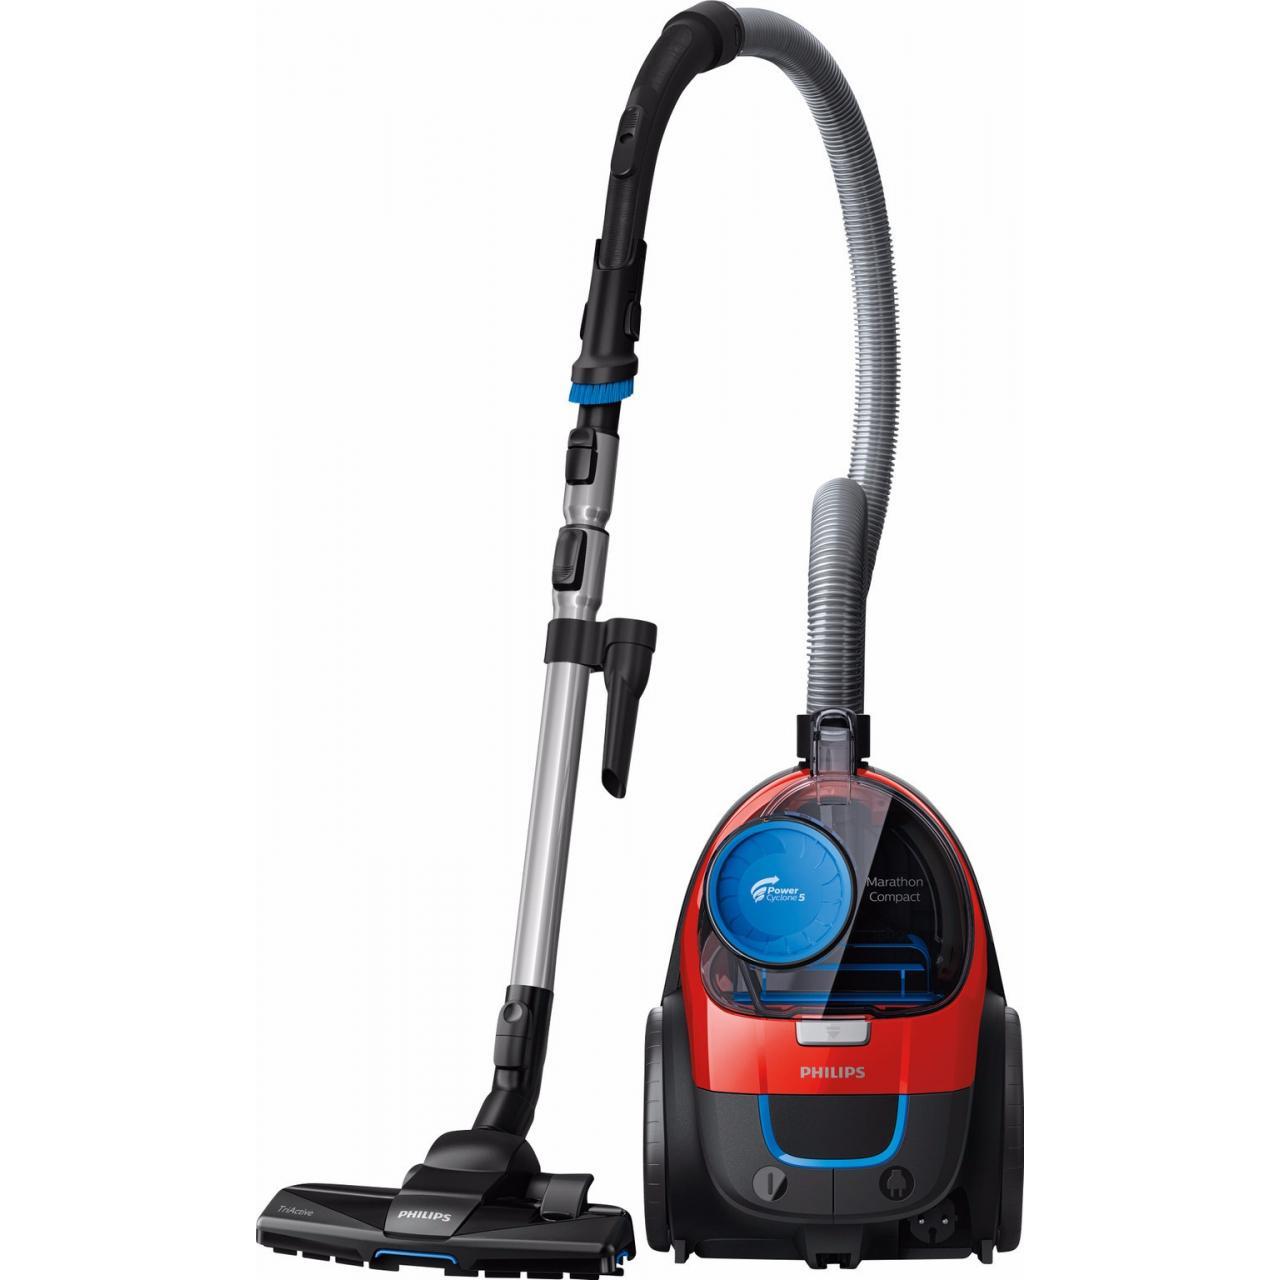 Aspirator fara sac Philips PowerPro Compact FC9330/09, PowerCyclone 5, Perii TriActive, Parchet, Filtru Anti-Alergic ECARF, Rosu